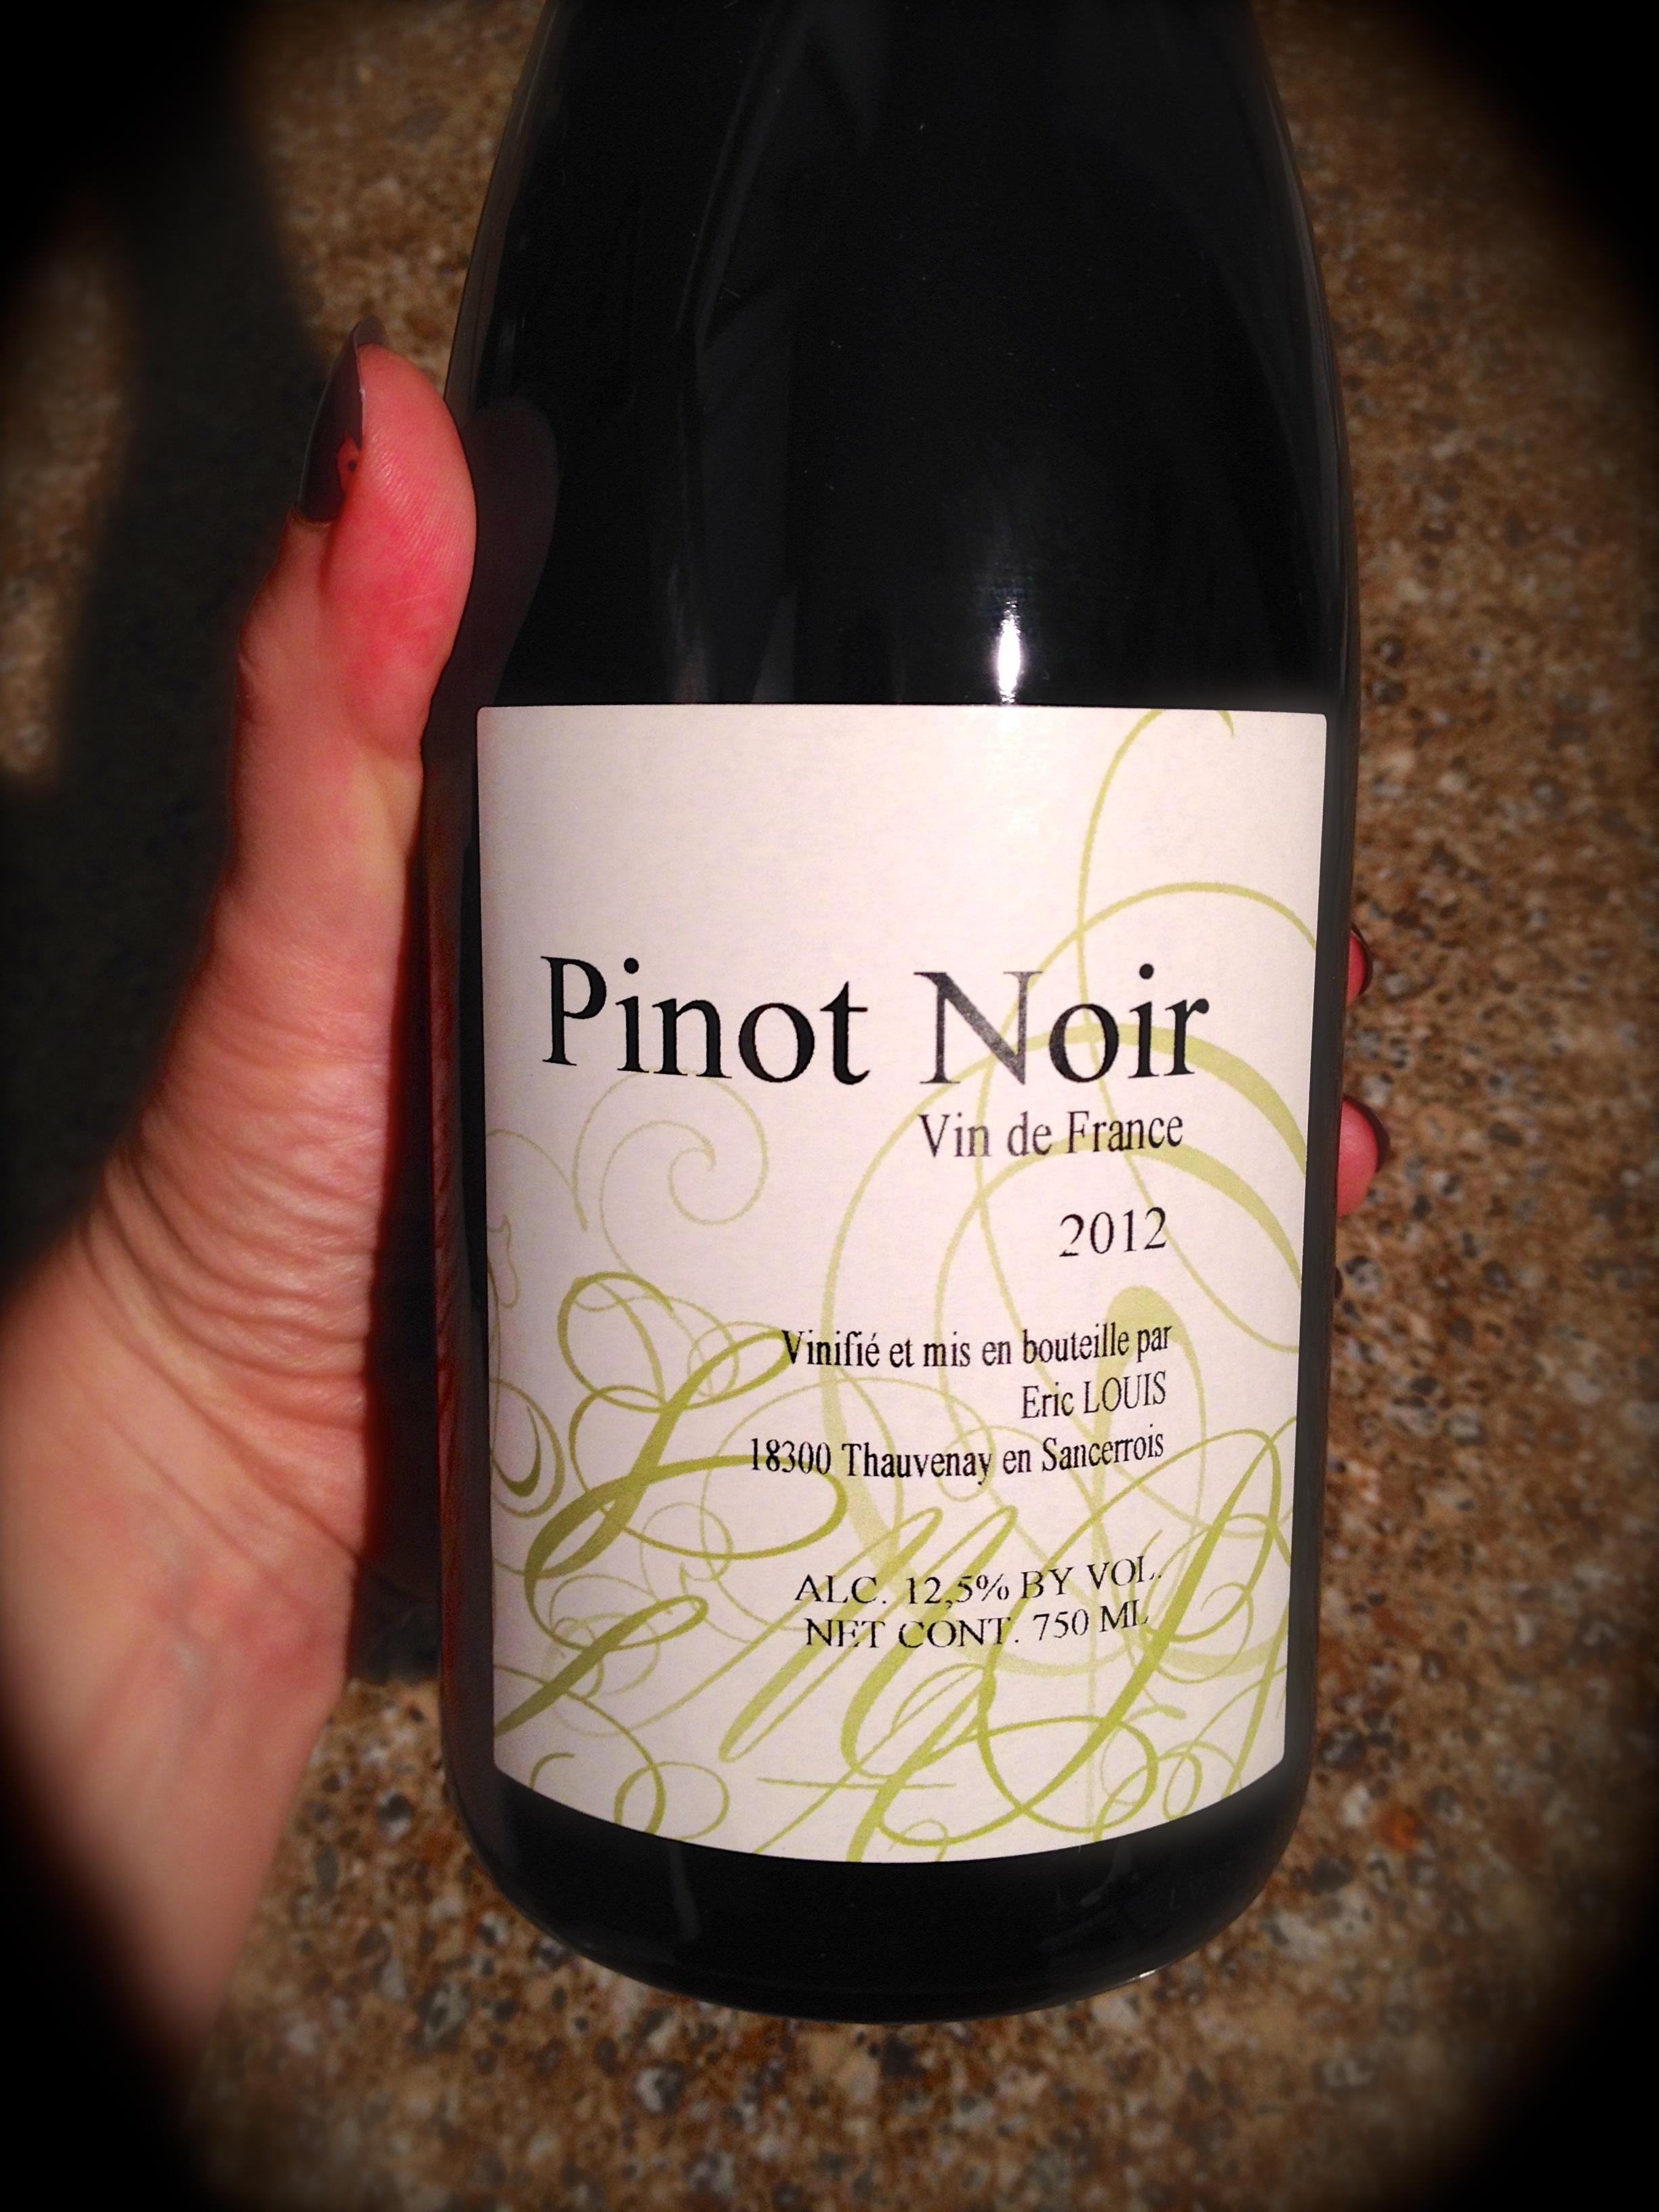 Eric Louis Pinot Noir Quot Vin De France Quot The Savvy Lush